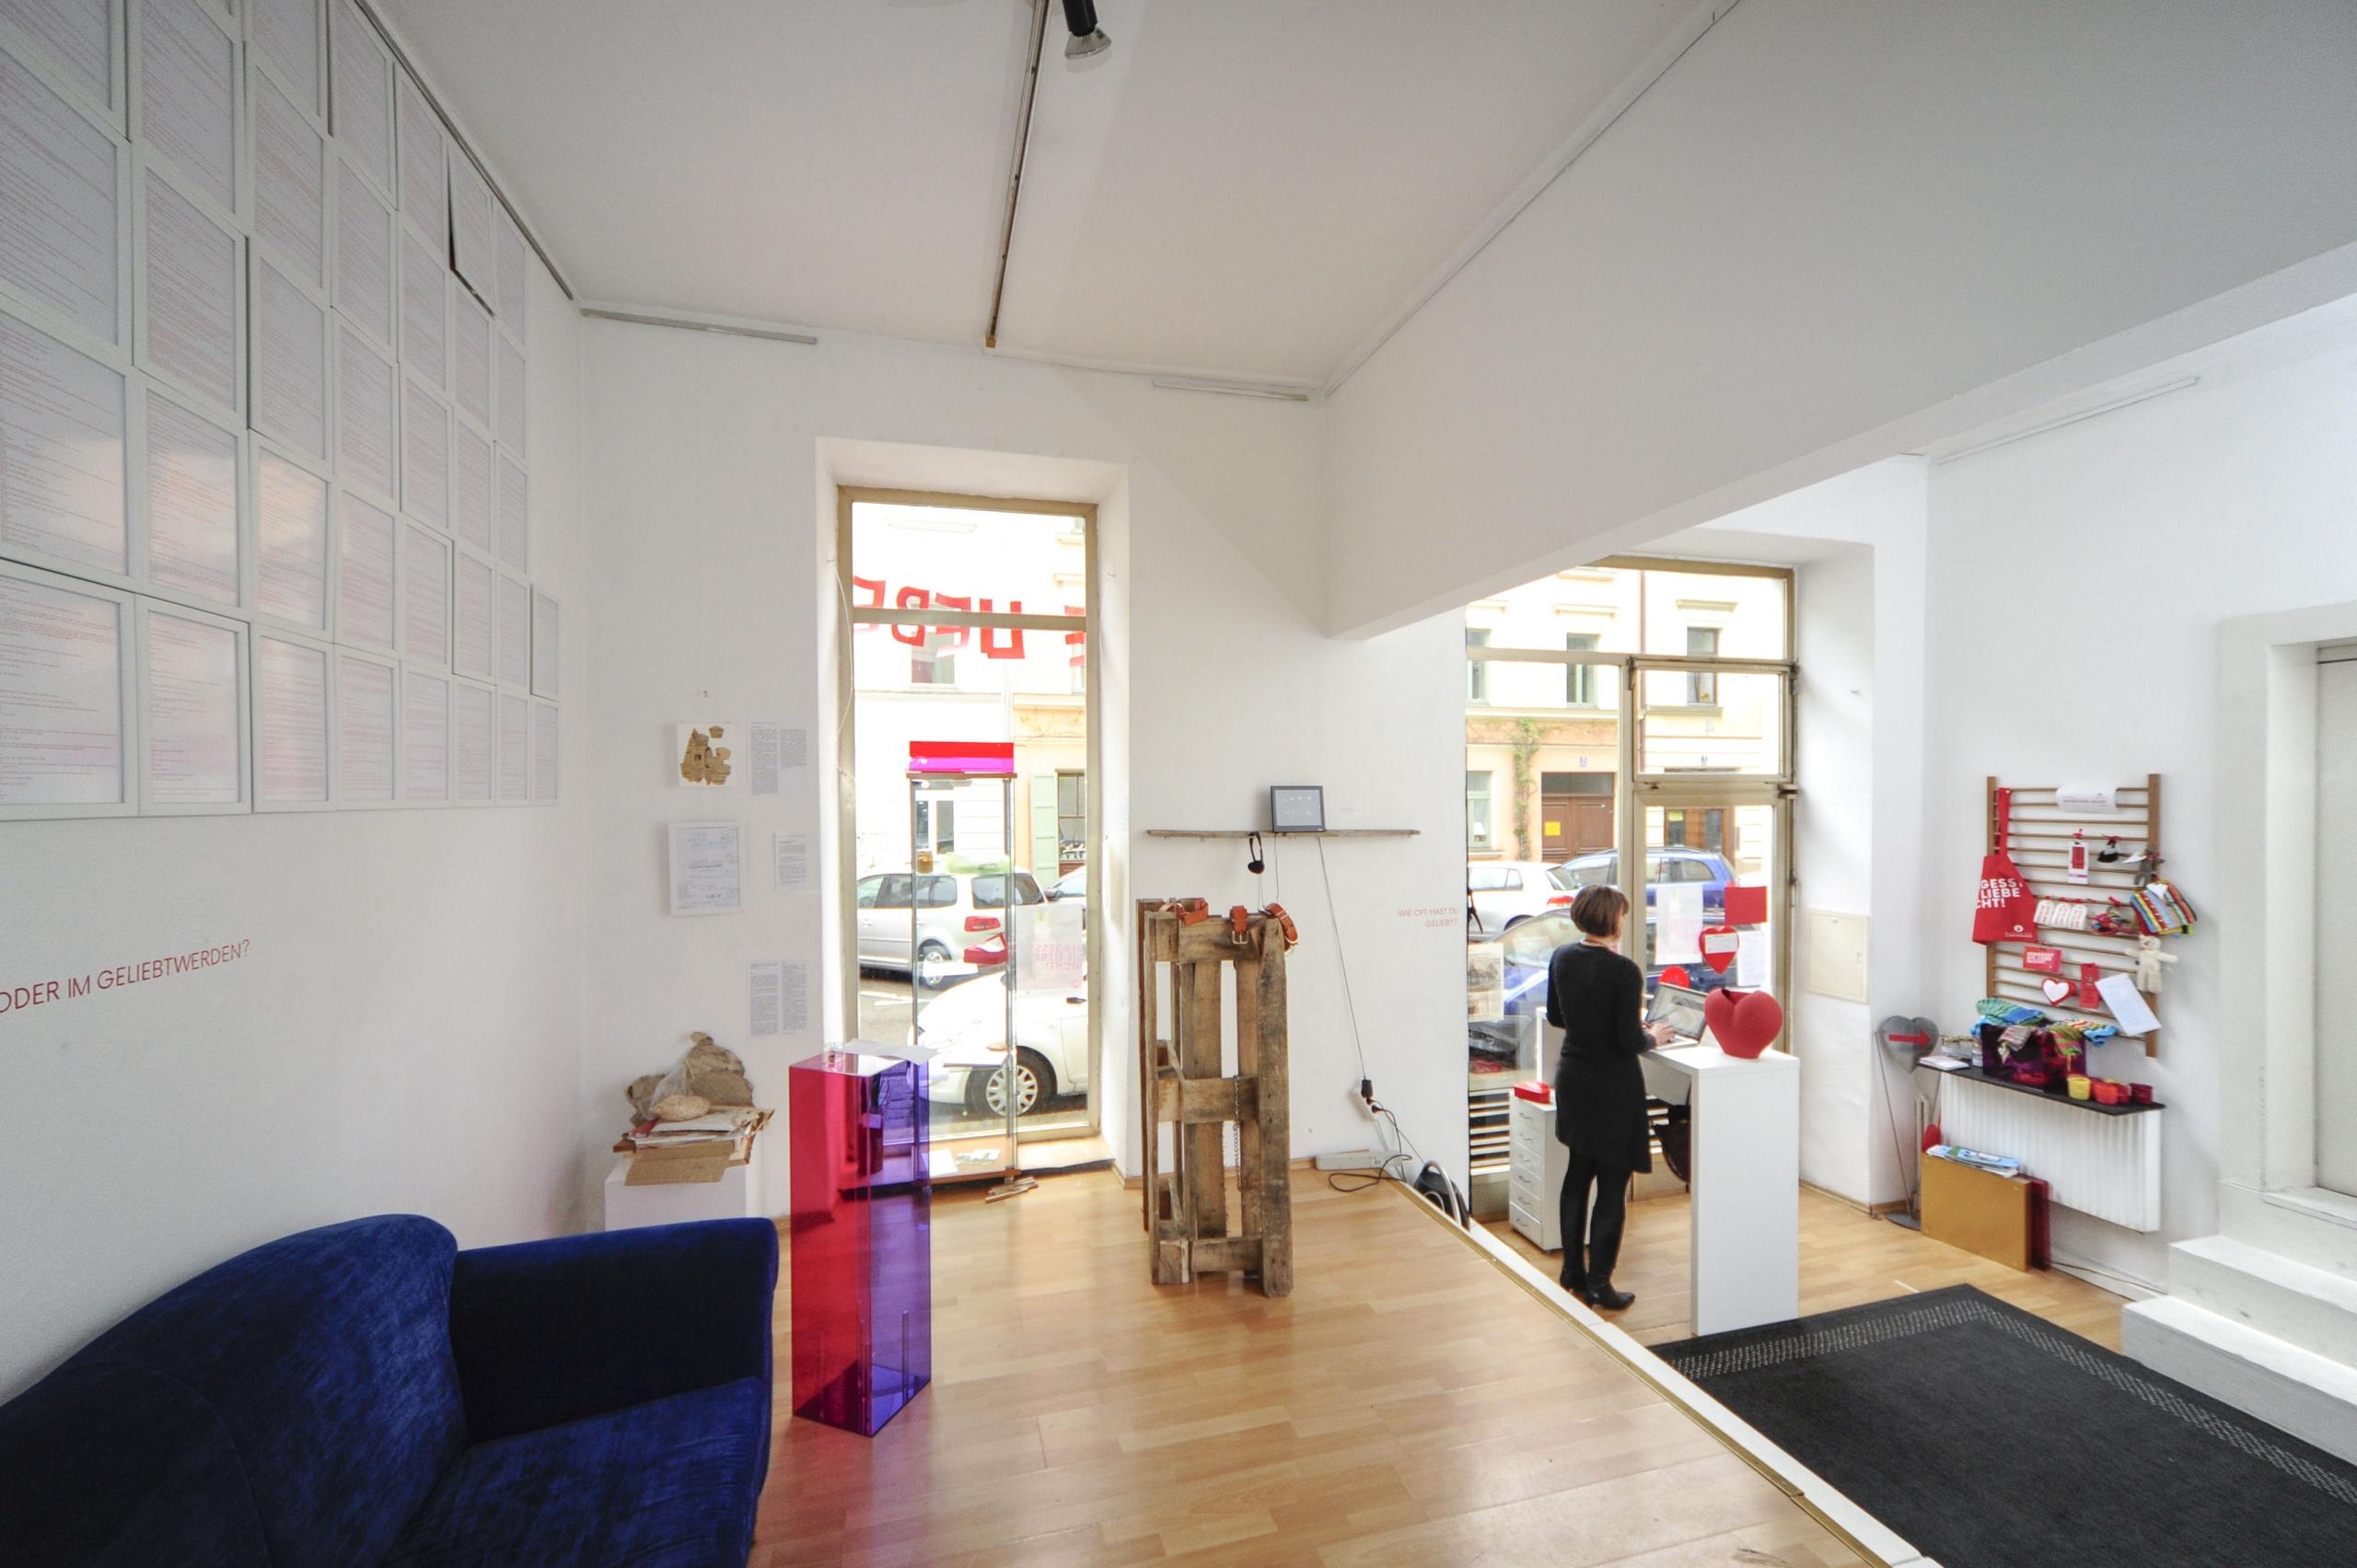 Ausstellung Musuem der Liebesobjekte München Galerieraum